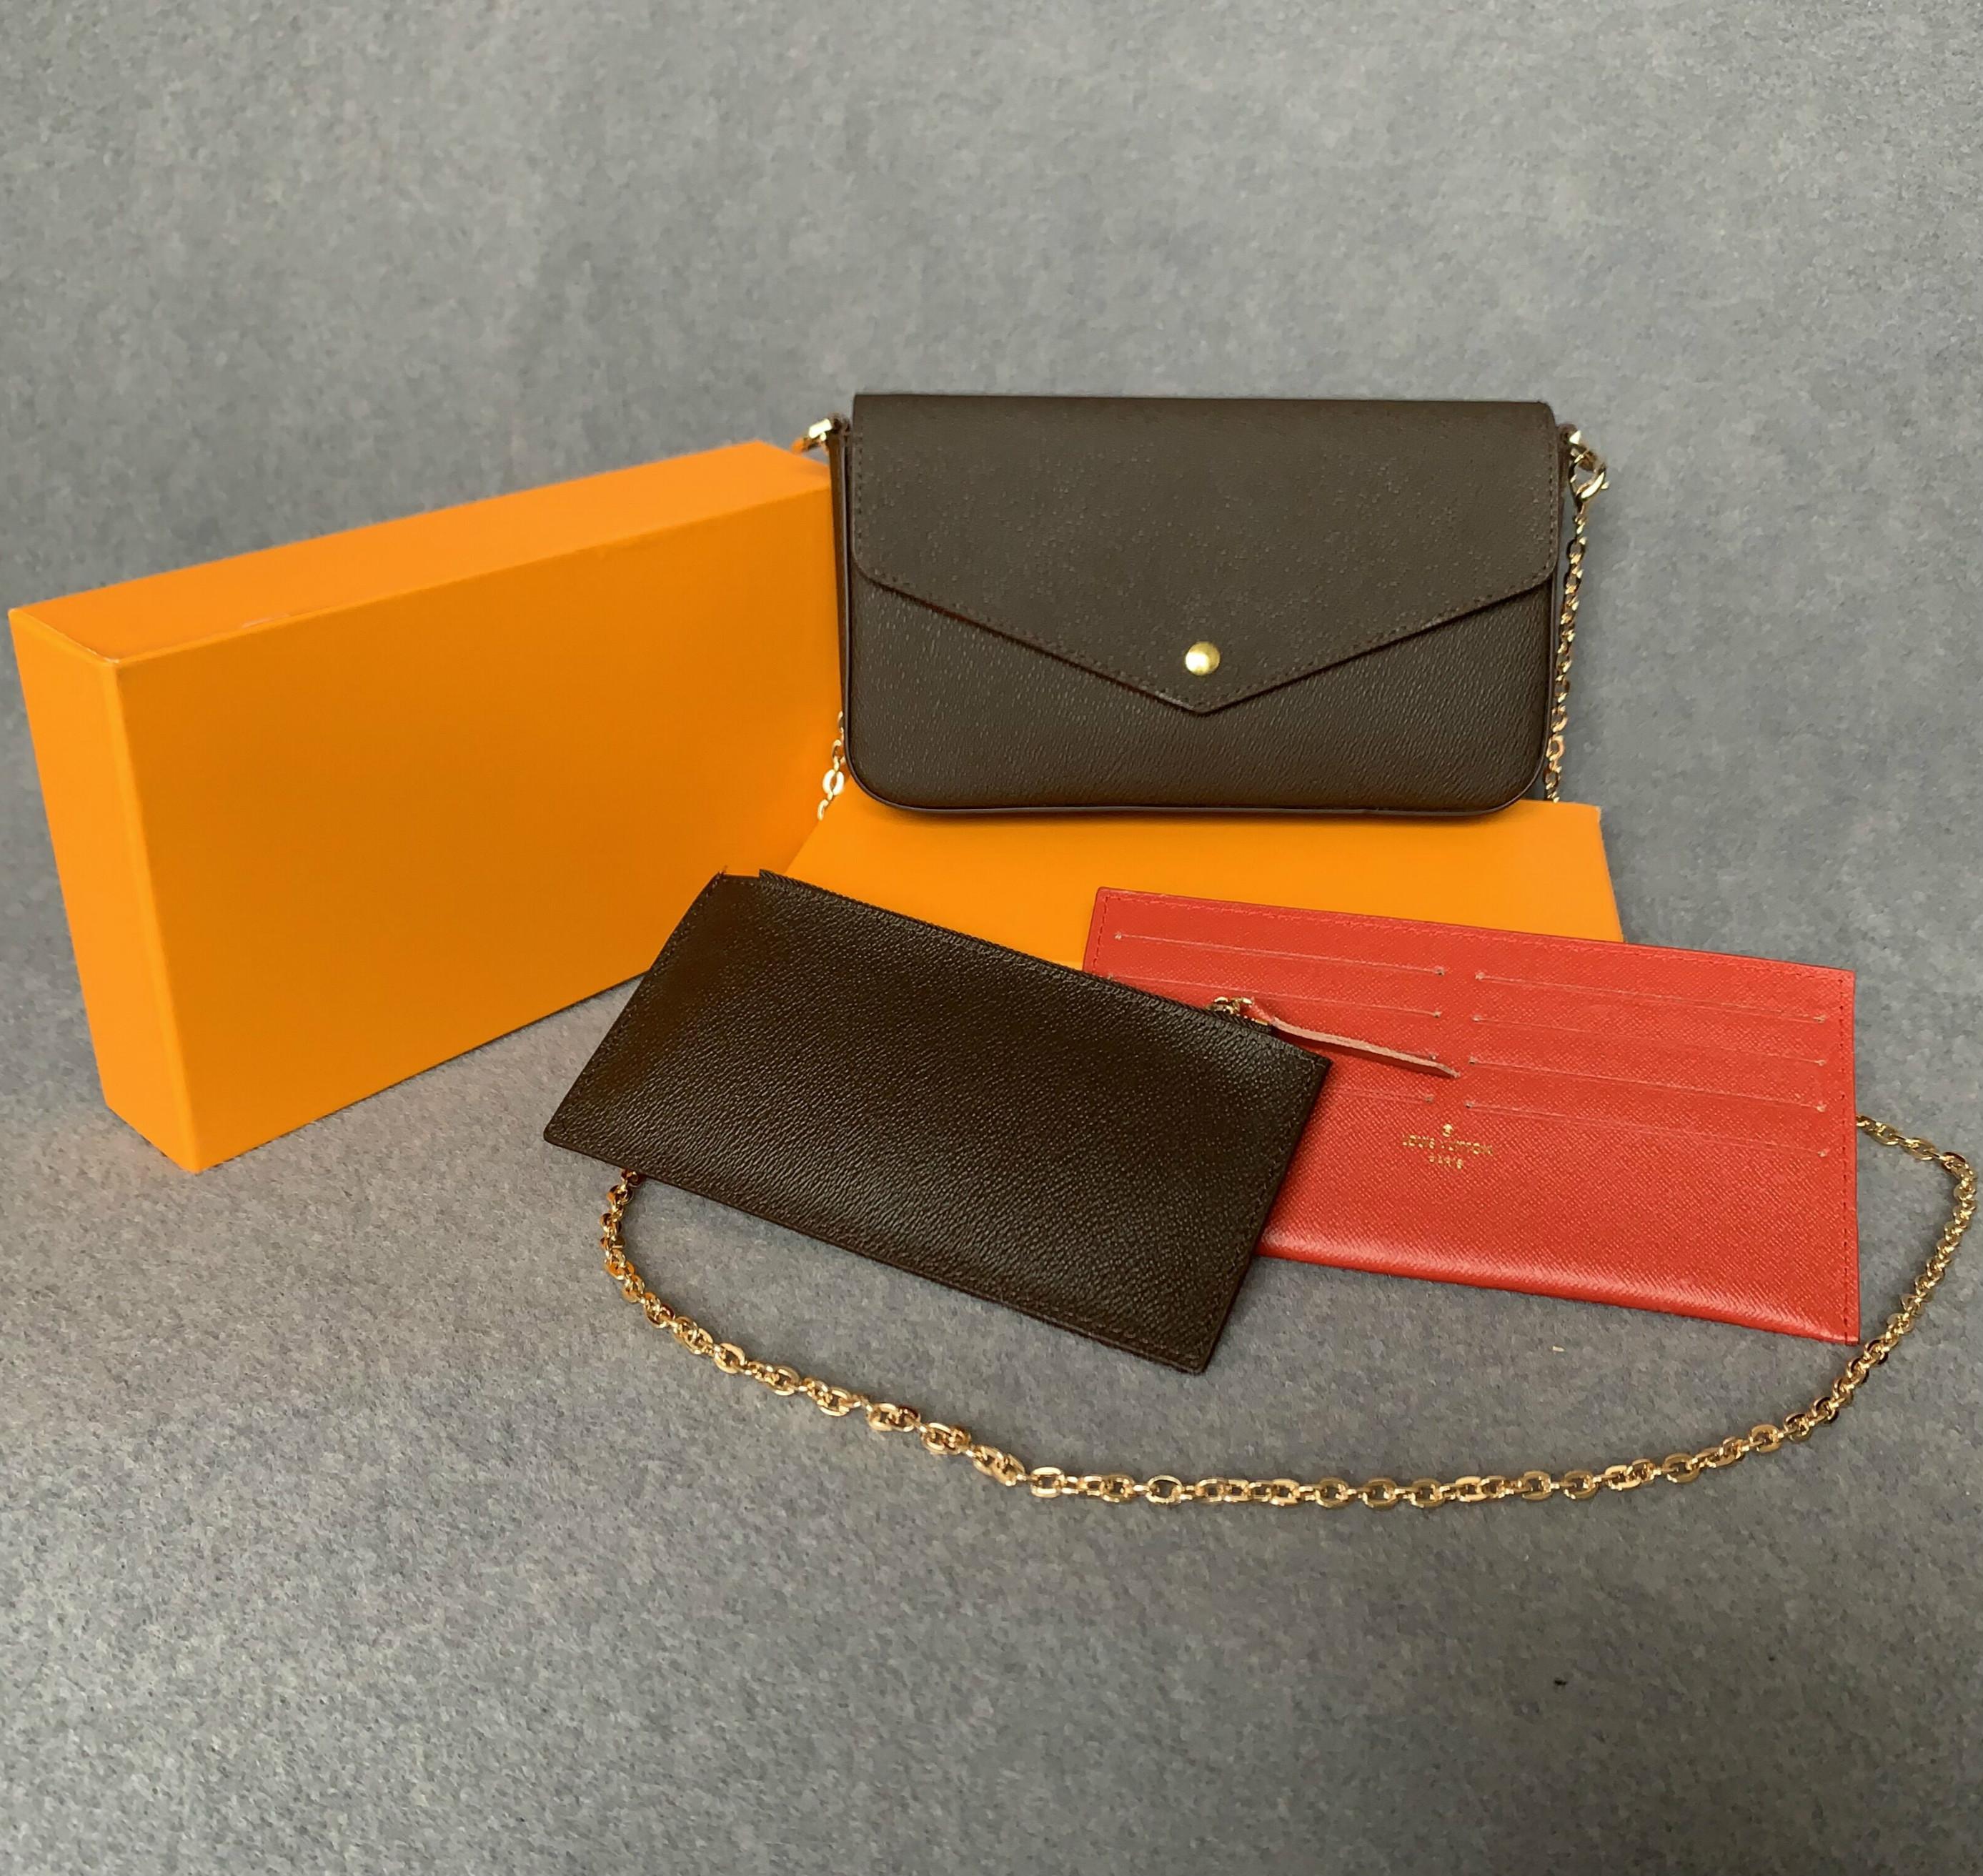 Sacs à main les plus récents sacs à main sacs Femmes Sacs à bandoulière Haute Qualité Sacs combinés à trois pièces B Taille 21 * 11 * 2 cm 61276 avec boîte